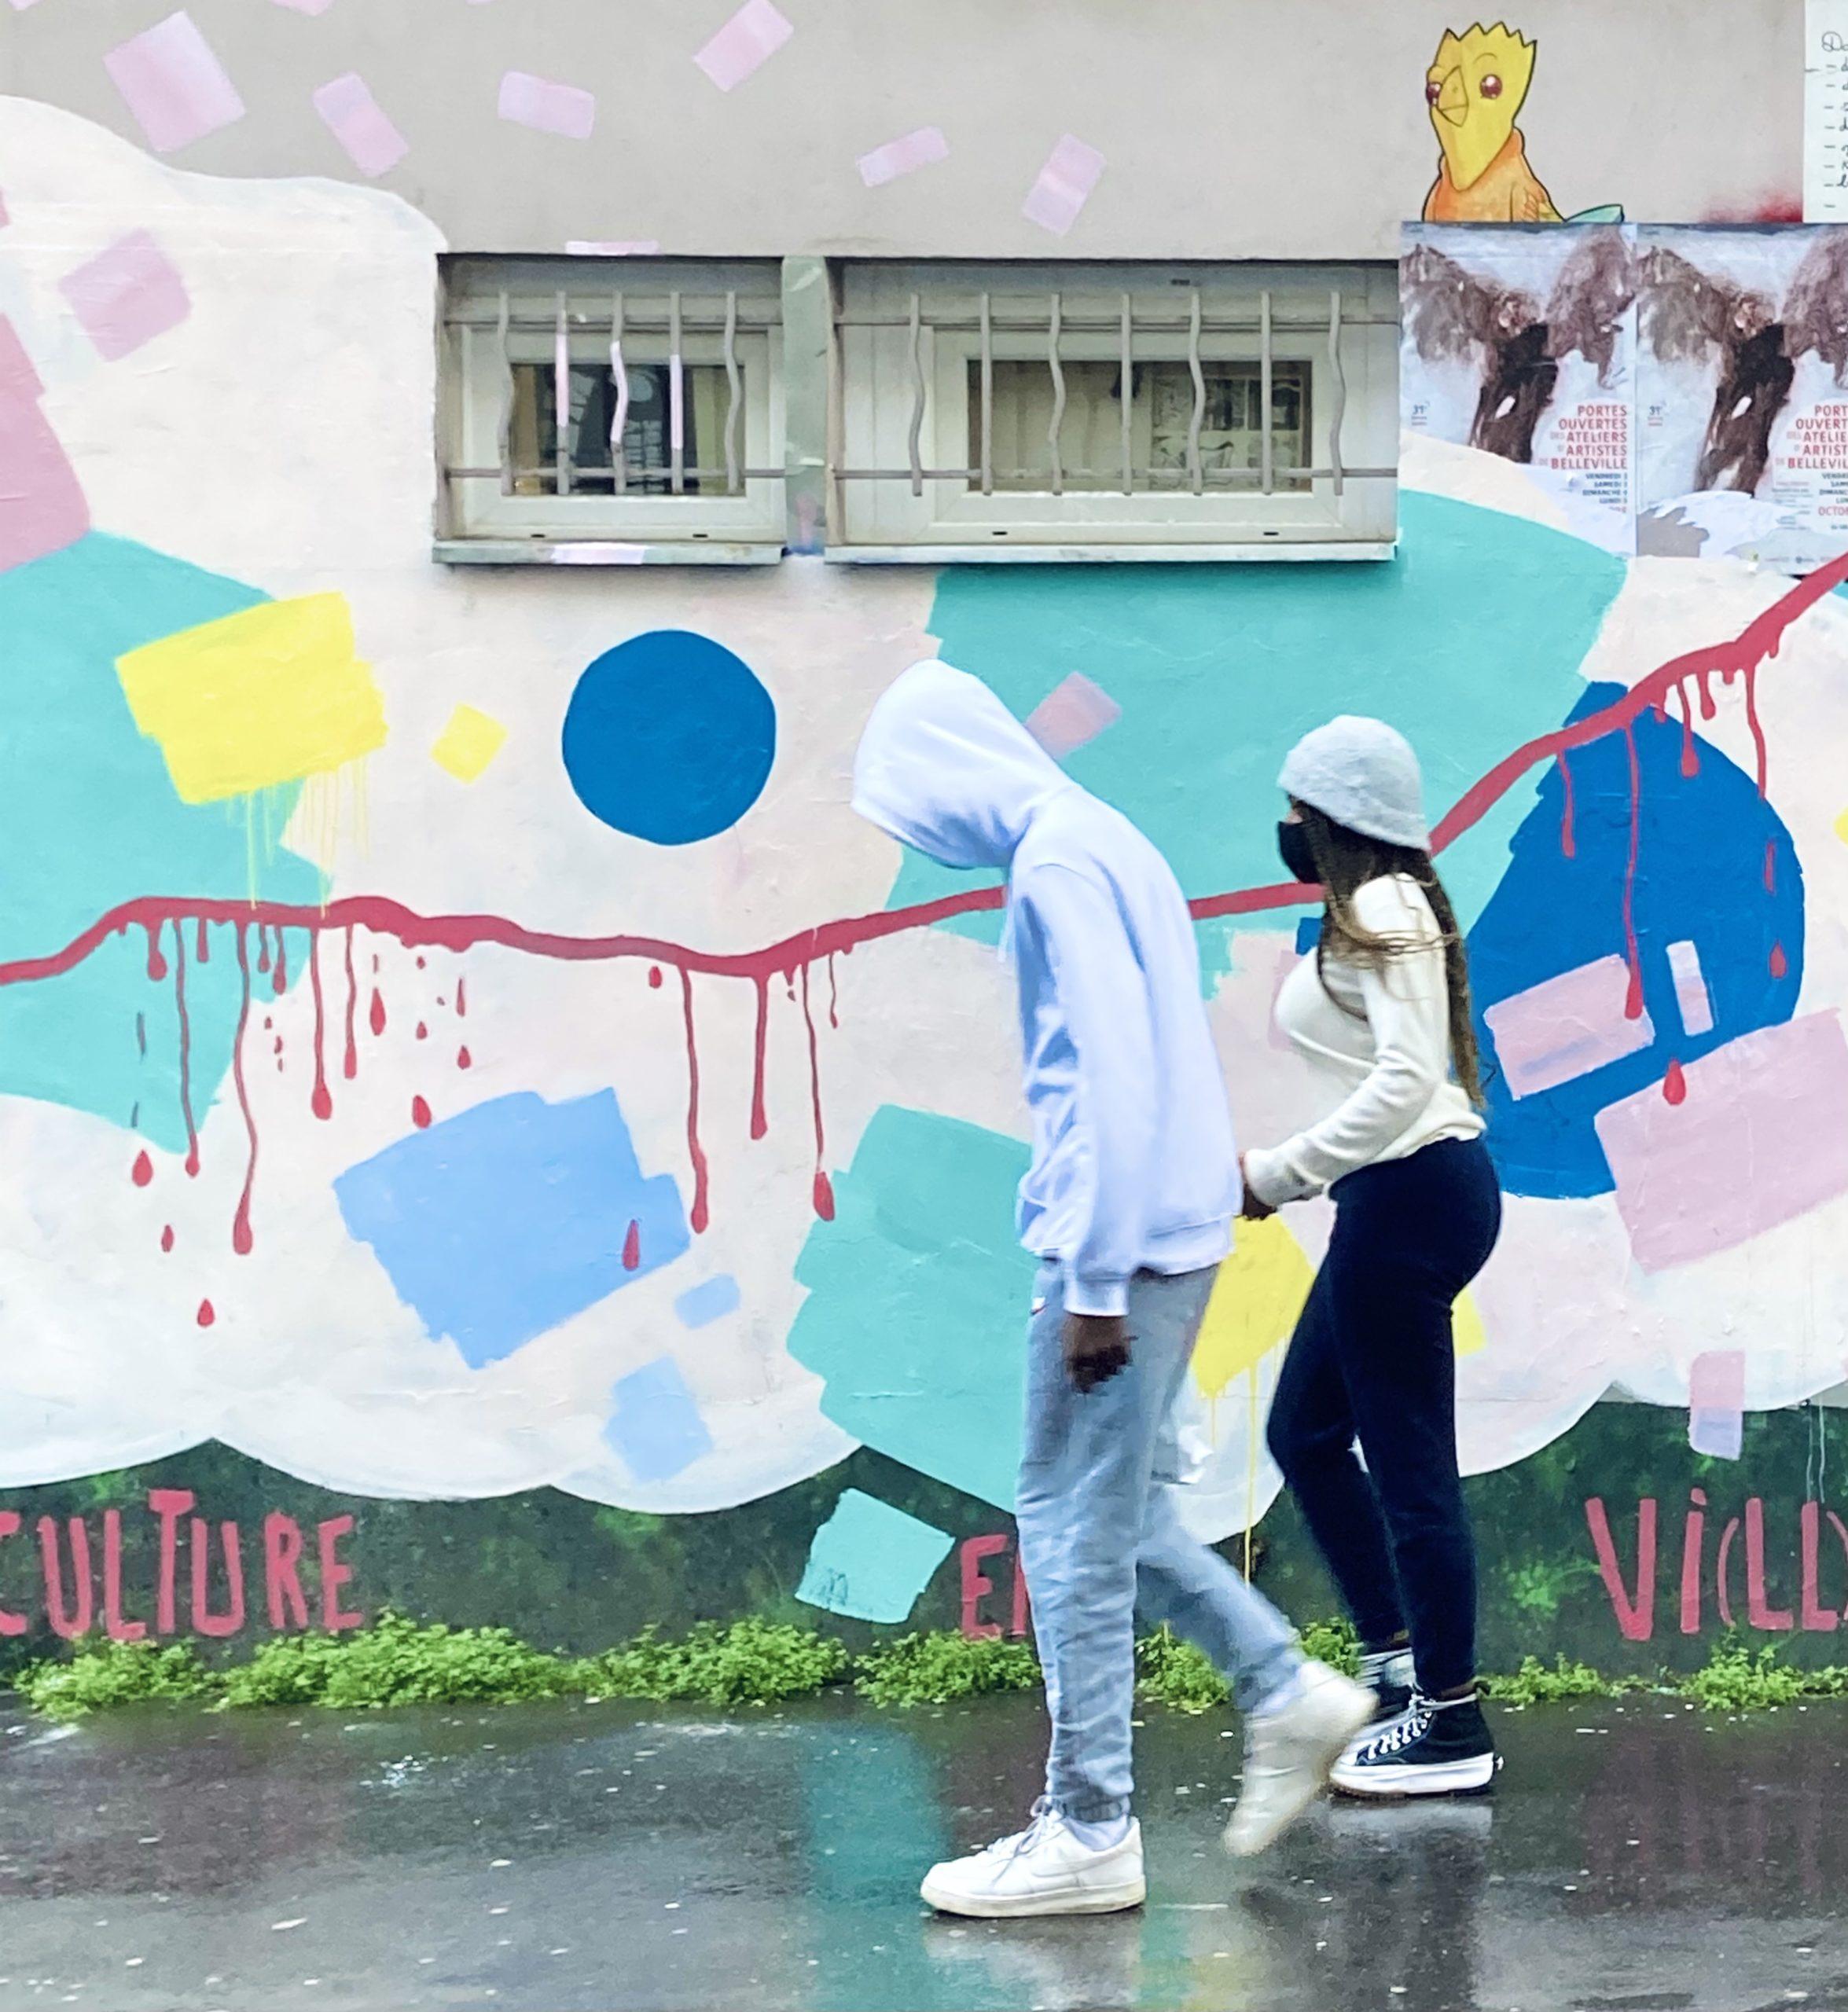 Mur anti-grisaille : l'univers acidulé de Jeanne Varaldi, à voir à Belleville